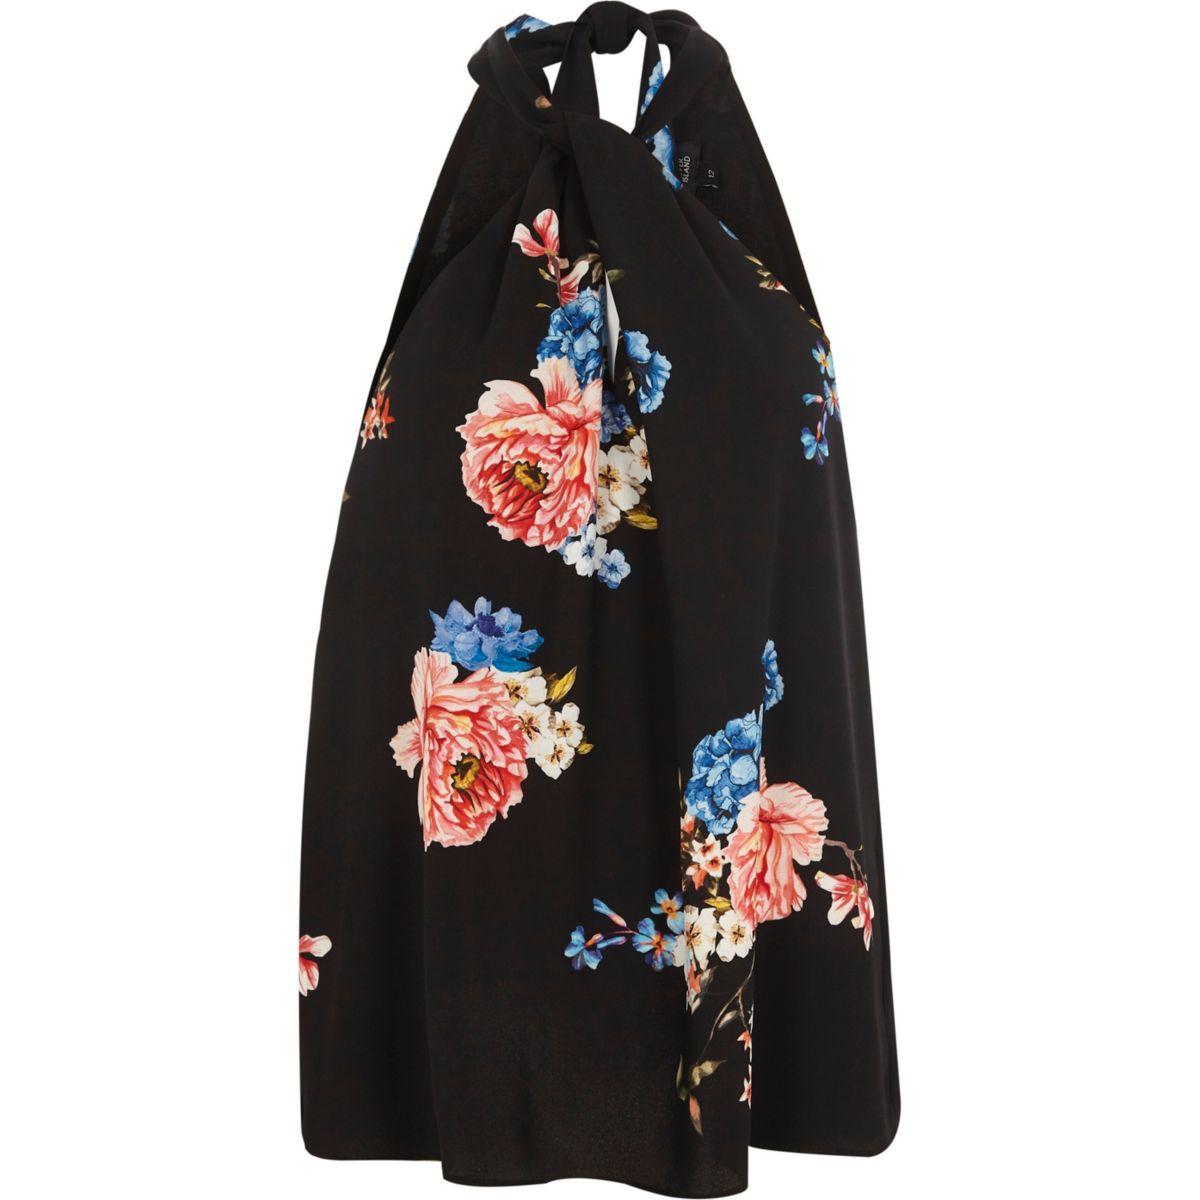 Black floral halter neck sleeve top